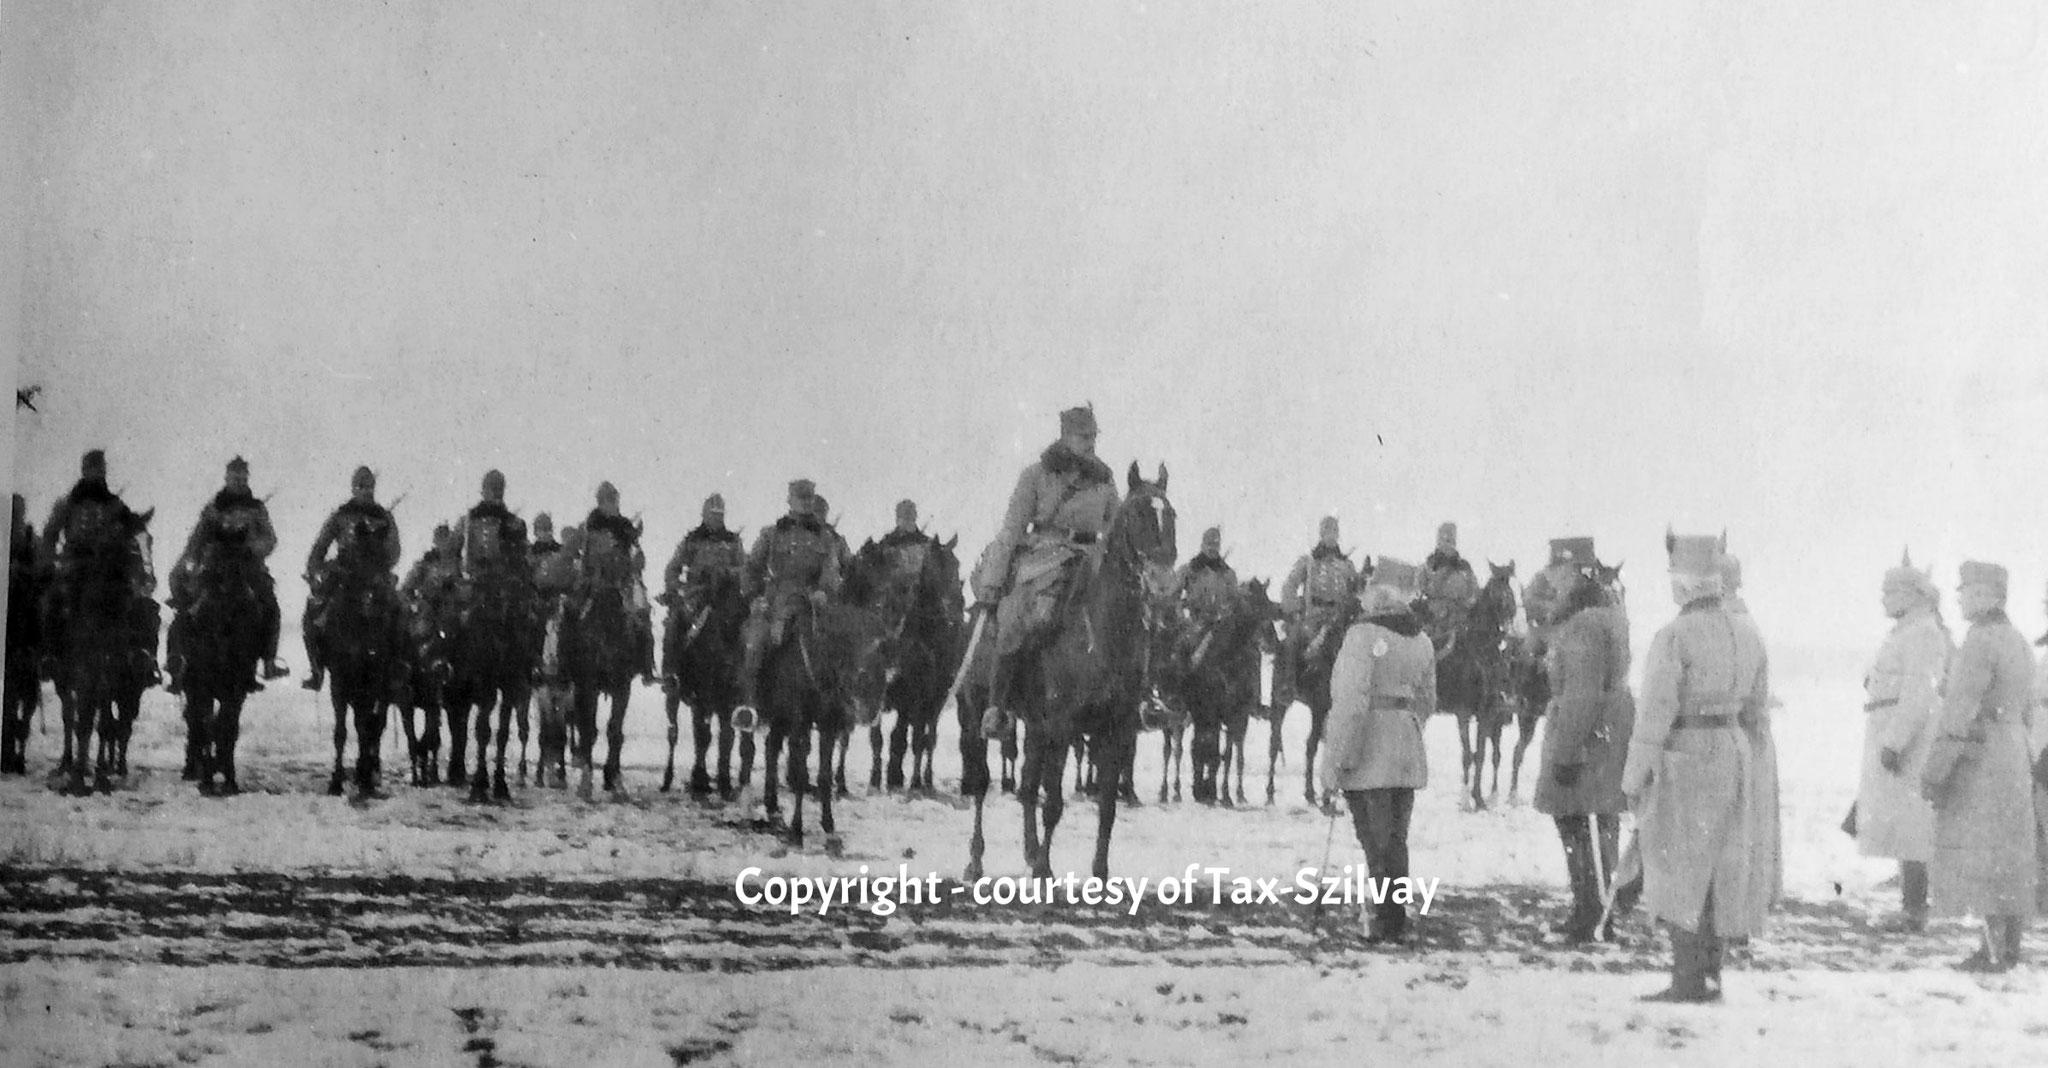 05. März 1916 Besichtigung Armeekdt Erzherzog Friedrich bei Goloby